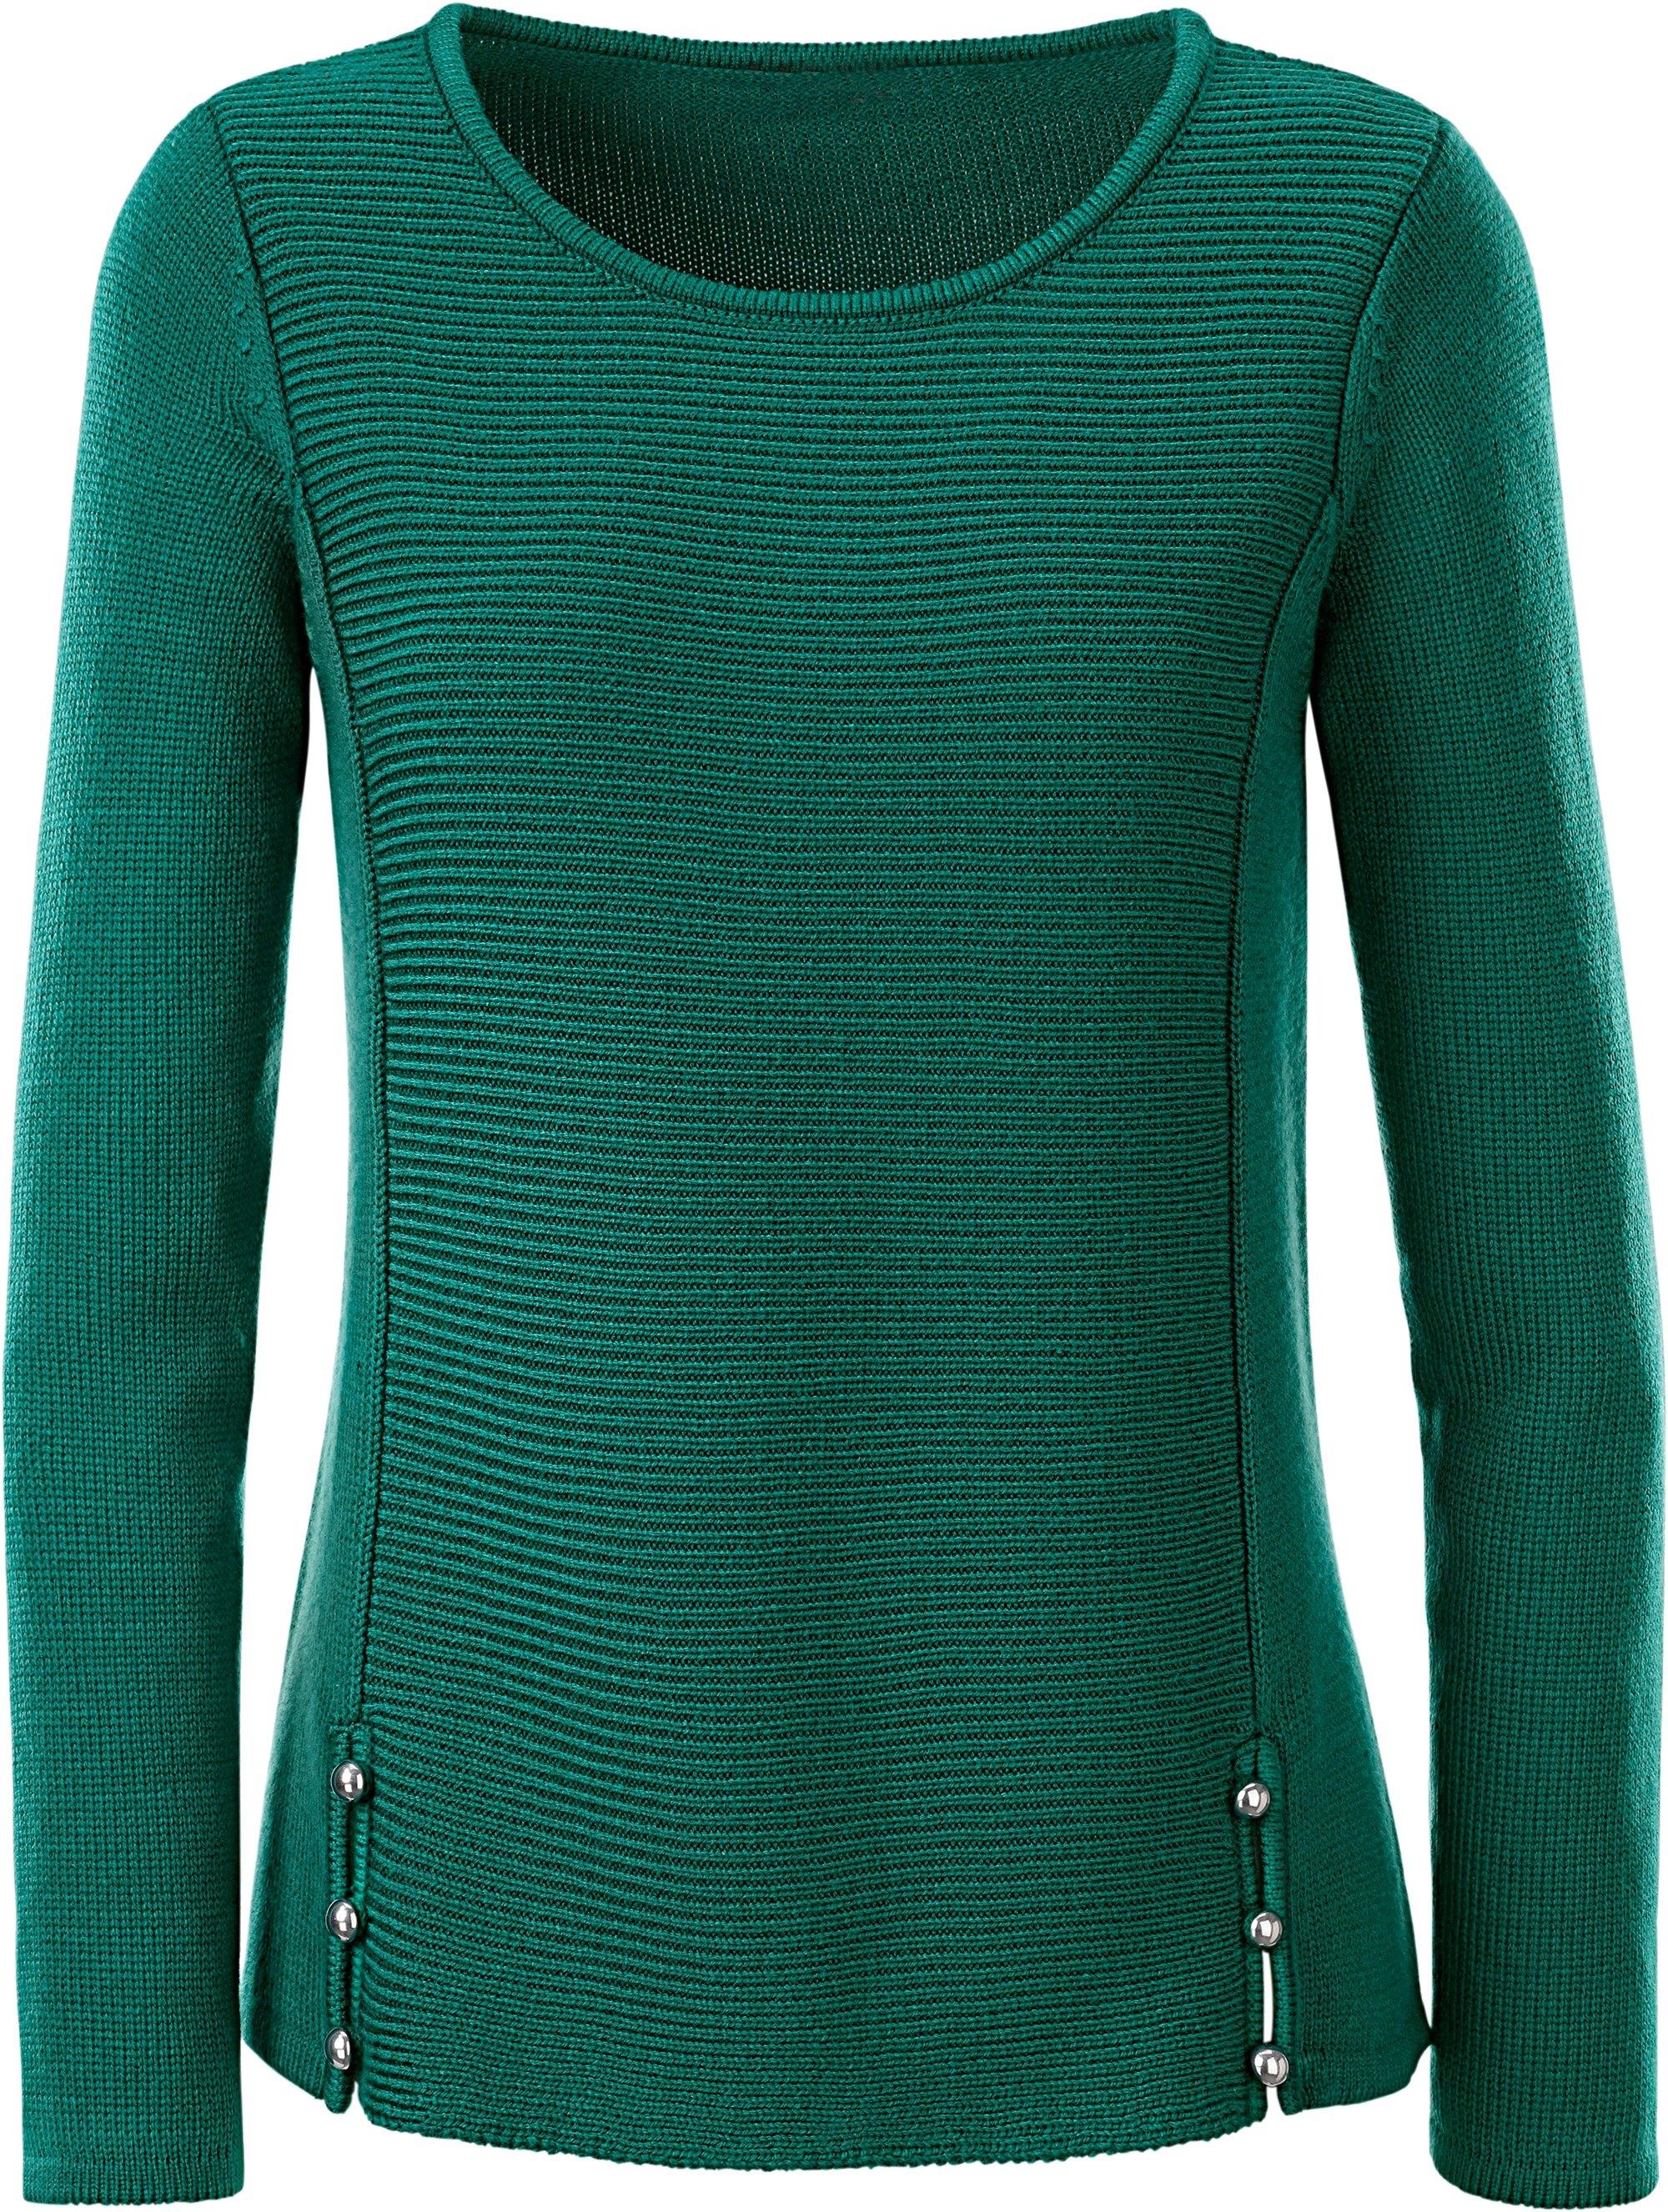 Op zoek naar een Ambria trui met zijsplitten? Koop online bij OTTO